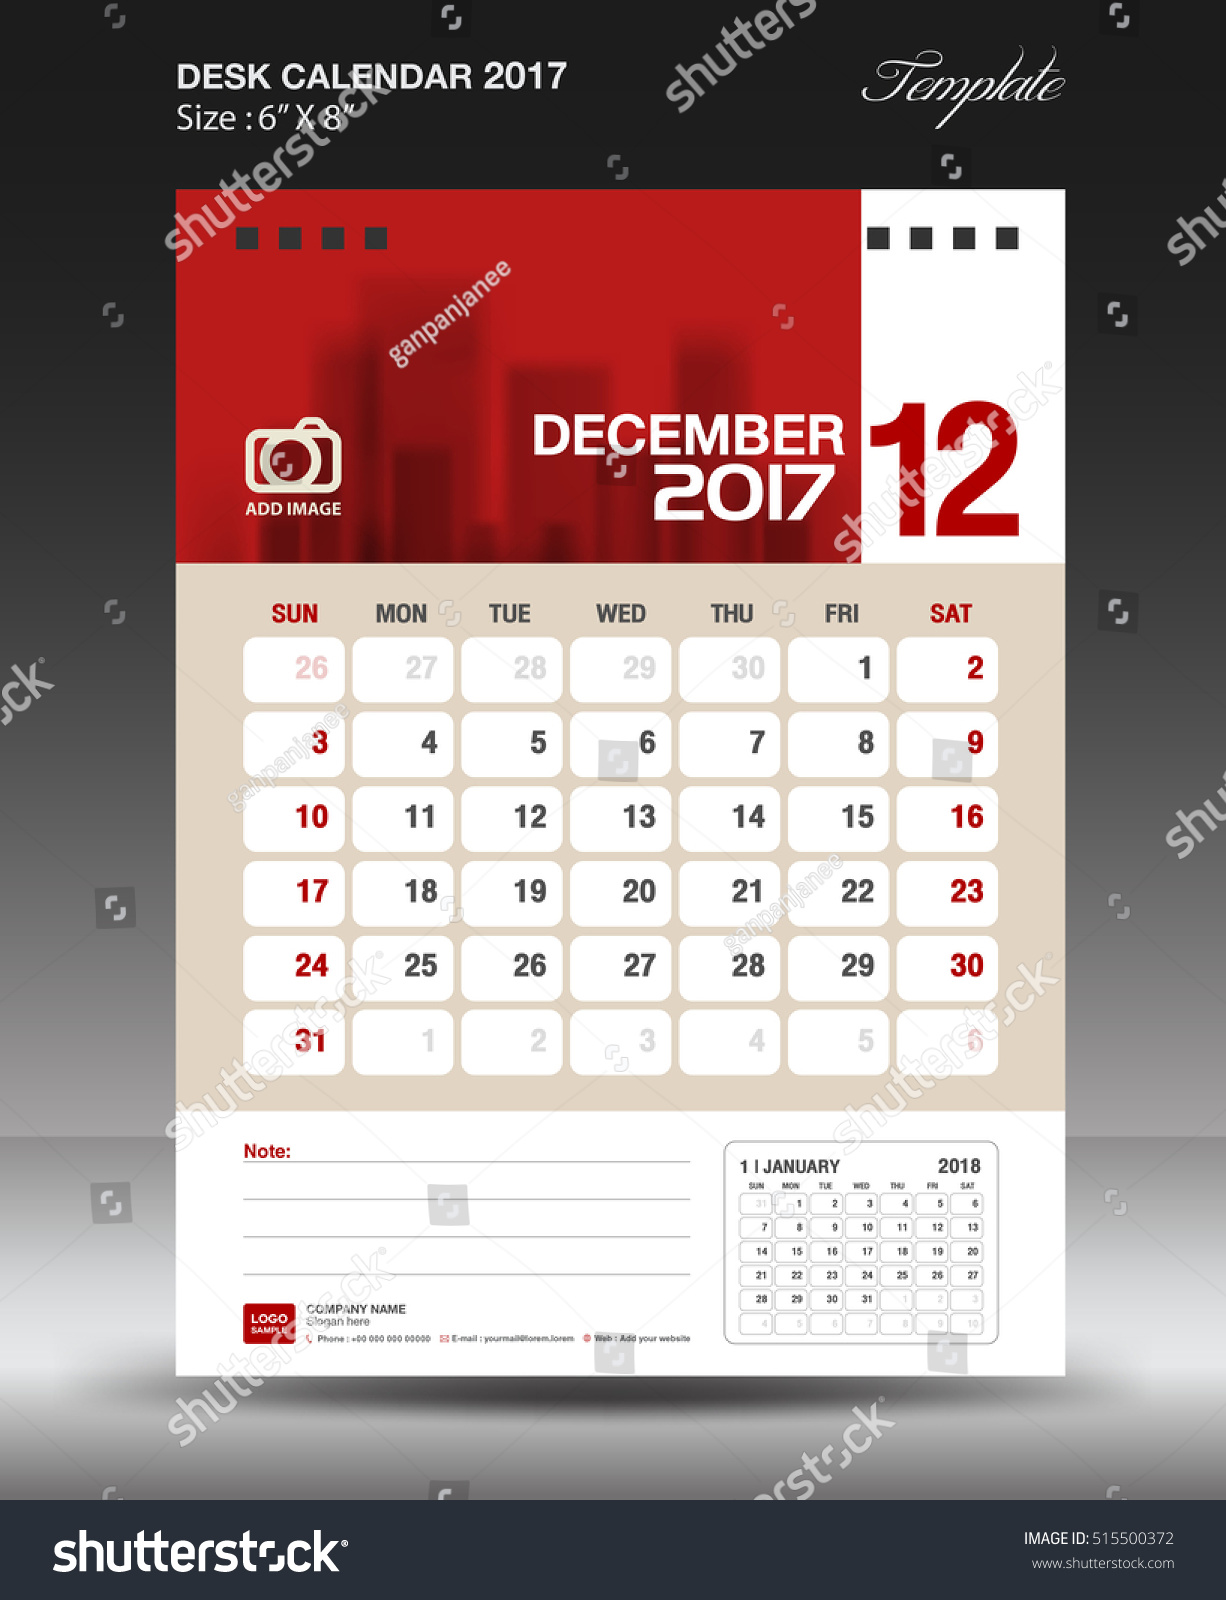 Calendar Design Size : December desk calendar year corporate stock vector